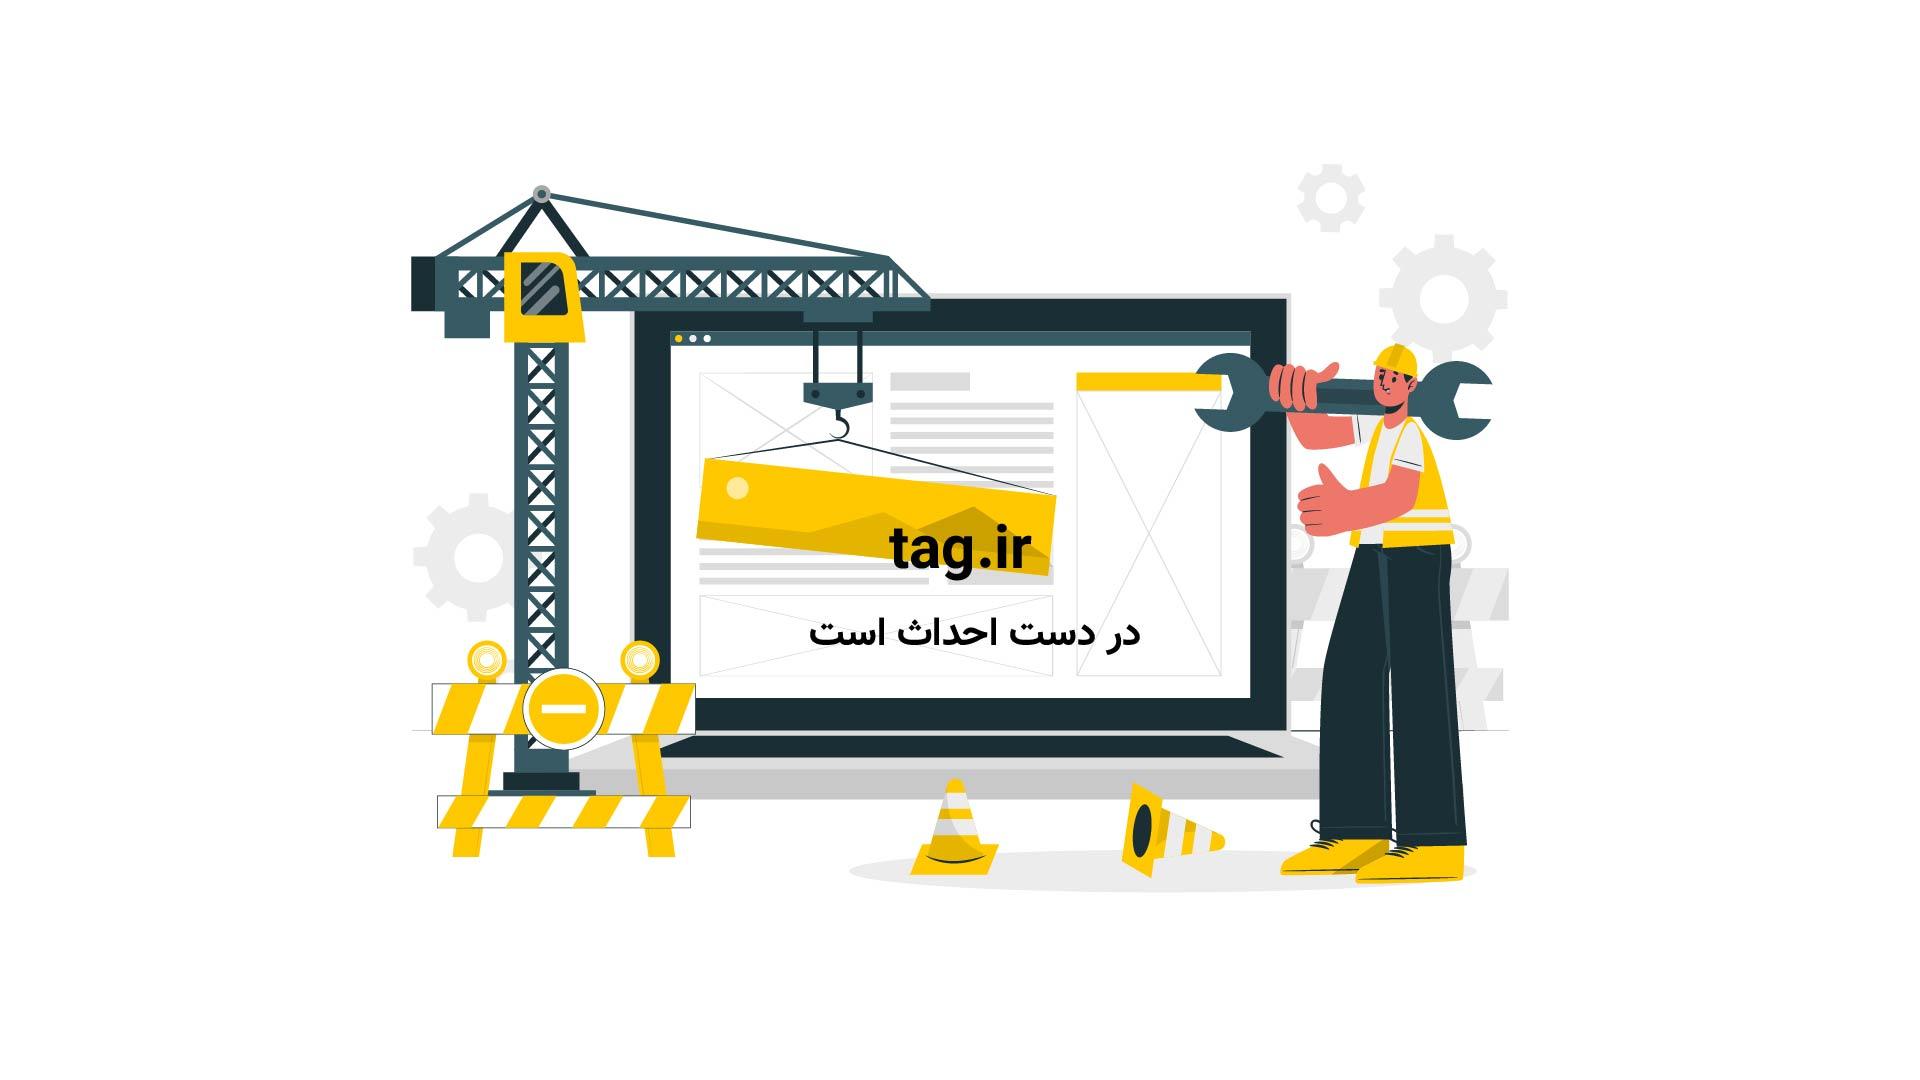 سخنرانیهای تد؛ روزی ده دقیقه حال و هوای ذهنتان را عوض کنید | فیلم